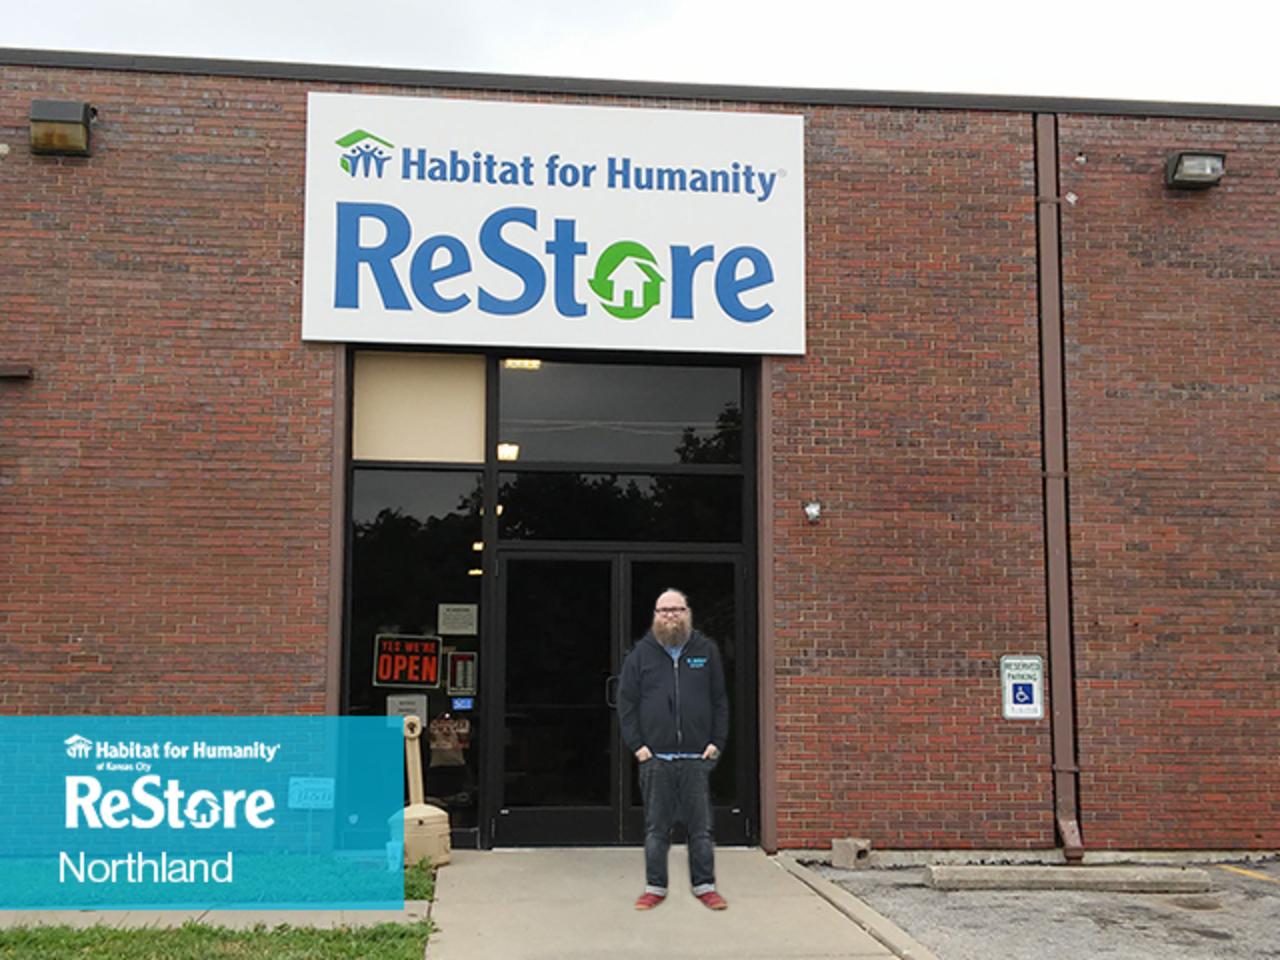 Northland ReStore